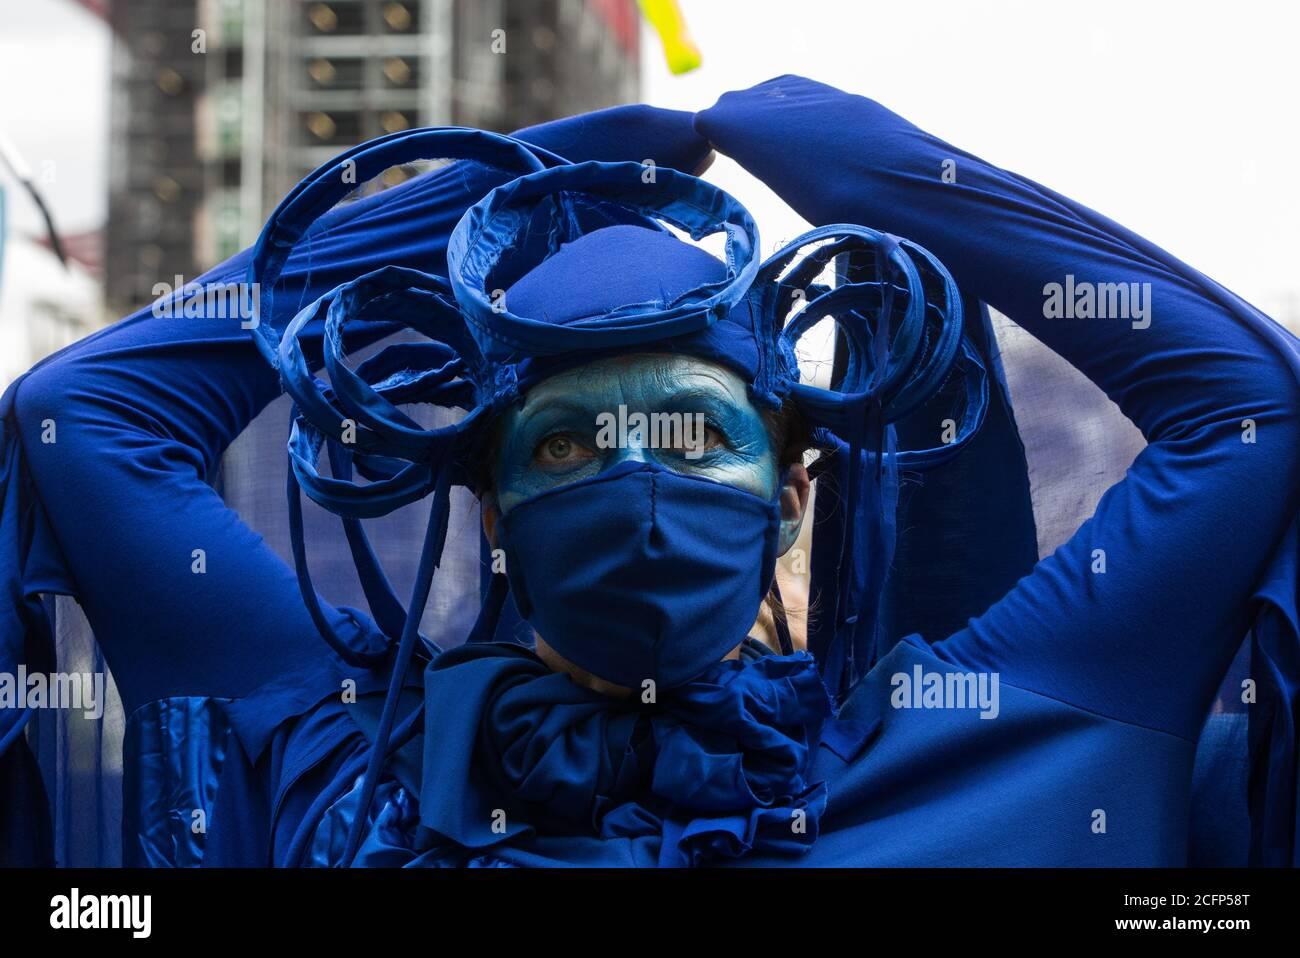 Londres, Reino Unido. 6 de septiembre de 2020. Los rebeldes azules se unen a otros activistas climáticos de la Rebelión del Océano y la Rebelión de extinción preparándose para participar en una colorida marcha de extinción Marina. Los activistas, que asisten a una serie de protestas de la Rebelión de septiembre en todo el Reino Unido, están exigiendo protecciones ambientales para los océanos y pidiendo el fin de la inacción gubernamental global para salvar los mares. Crédito: Mark Kerrison/Alamy Live News Foto de stock